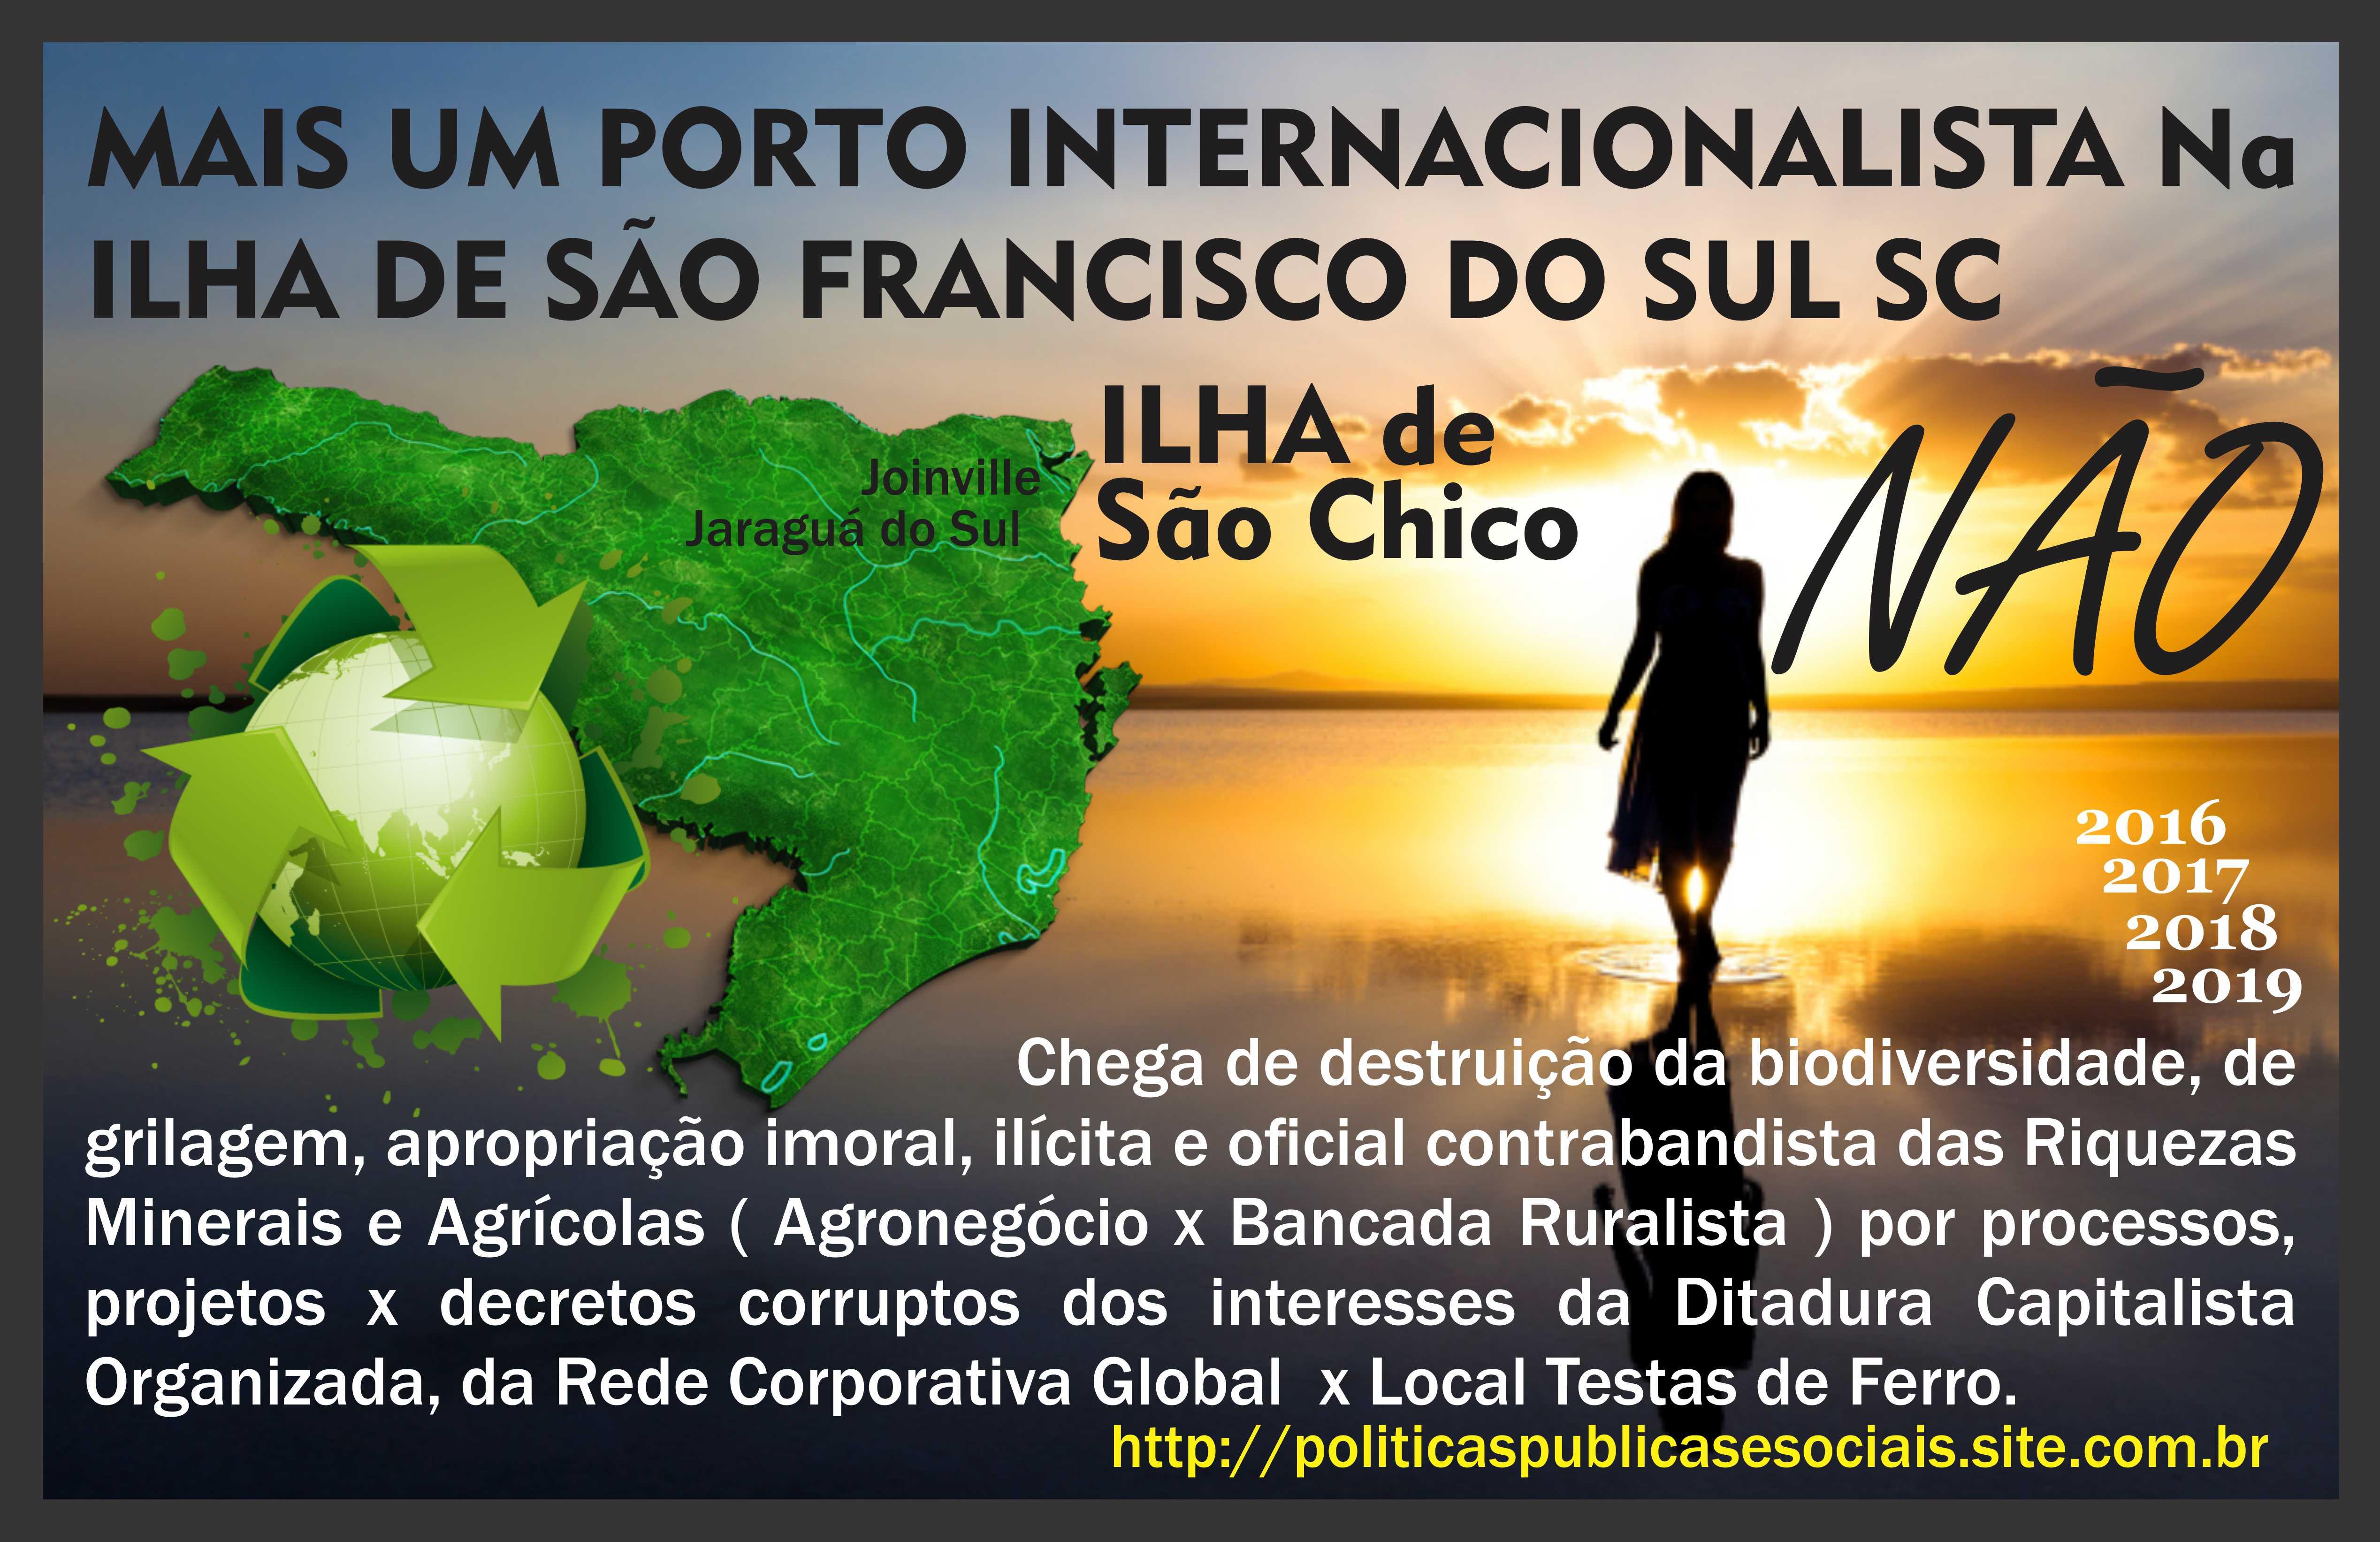 SÃO FRANCISCO DO SUL SC 30